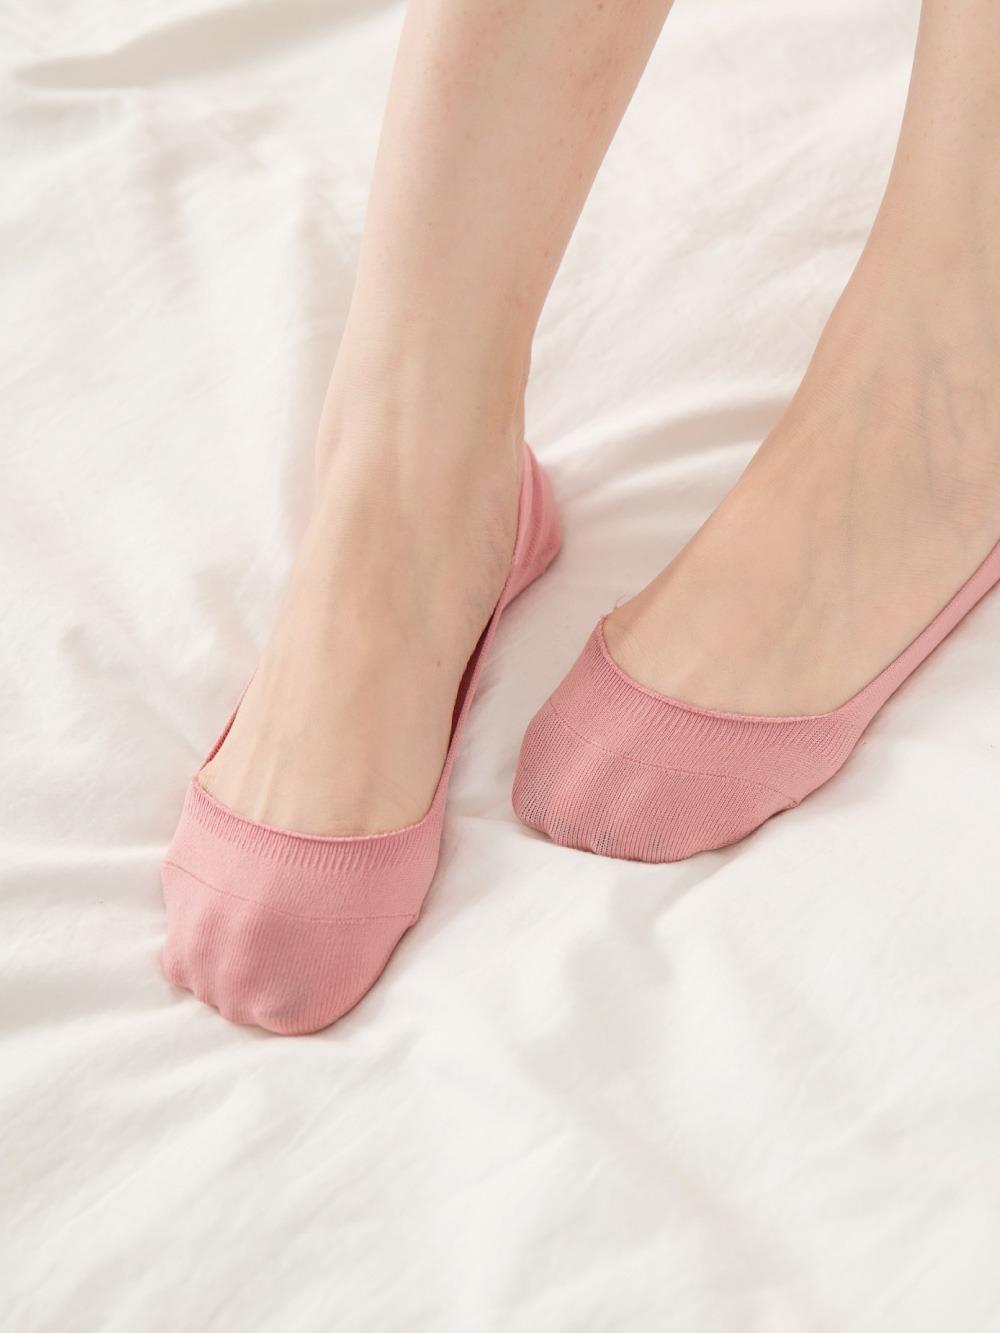 貝柔0束痕吸濕速乾止滑襪套-娃娃鞋款